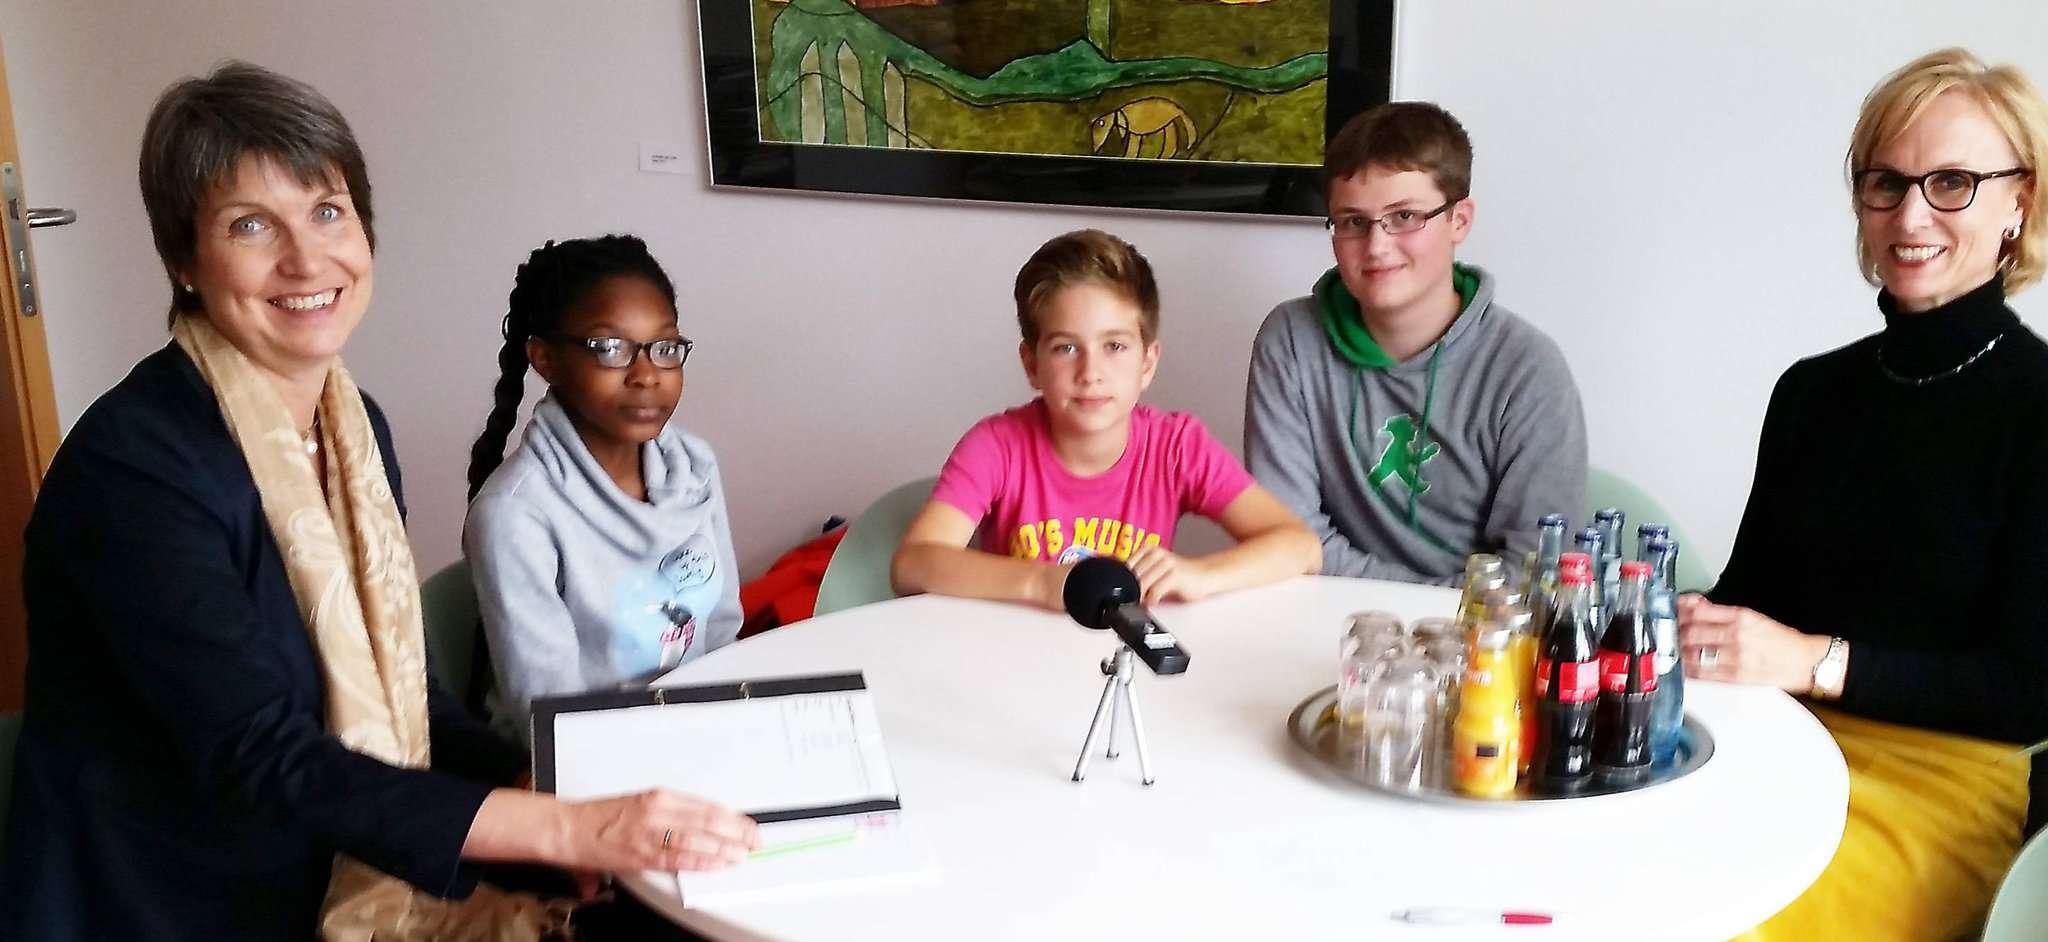 Erste Stadträtin Bernadette Nadermann (von links) beantwortet die Fragen von Deborah, Leander und Johann. Lehrerin Heike Mattick unterstützt ihre Schüler.